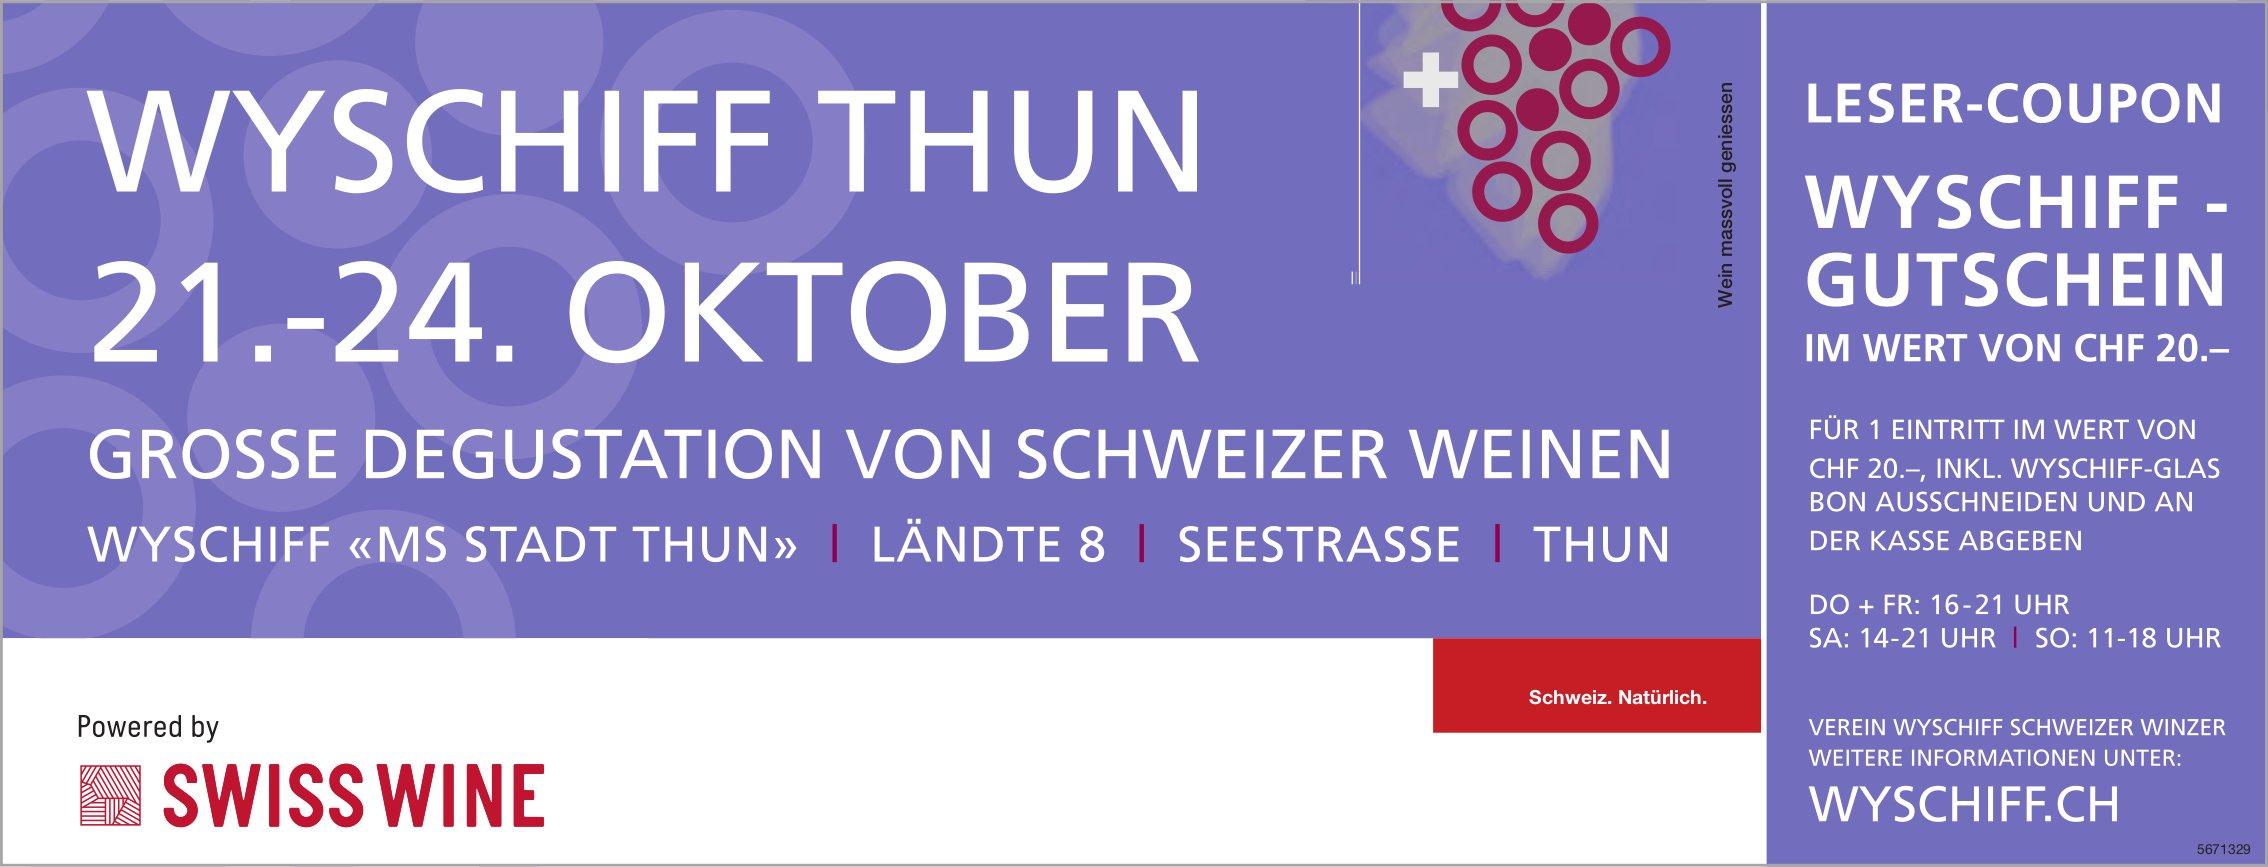 Grosse Degustation von Schweizer Weinen, 21.-24. Oktober, Wyschiff «MS STADT Thun»